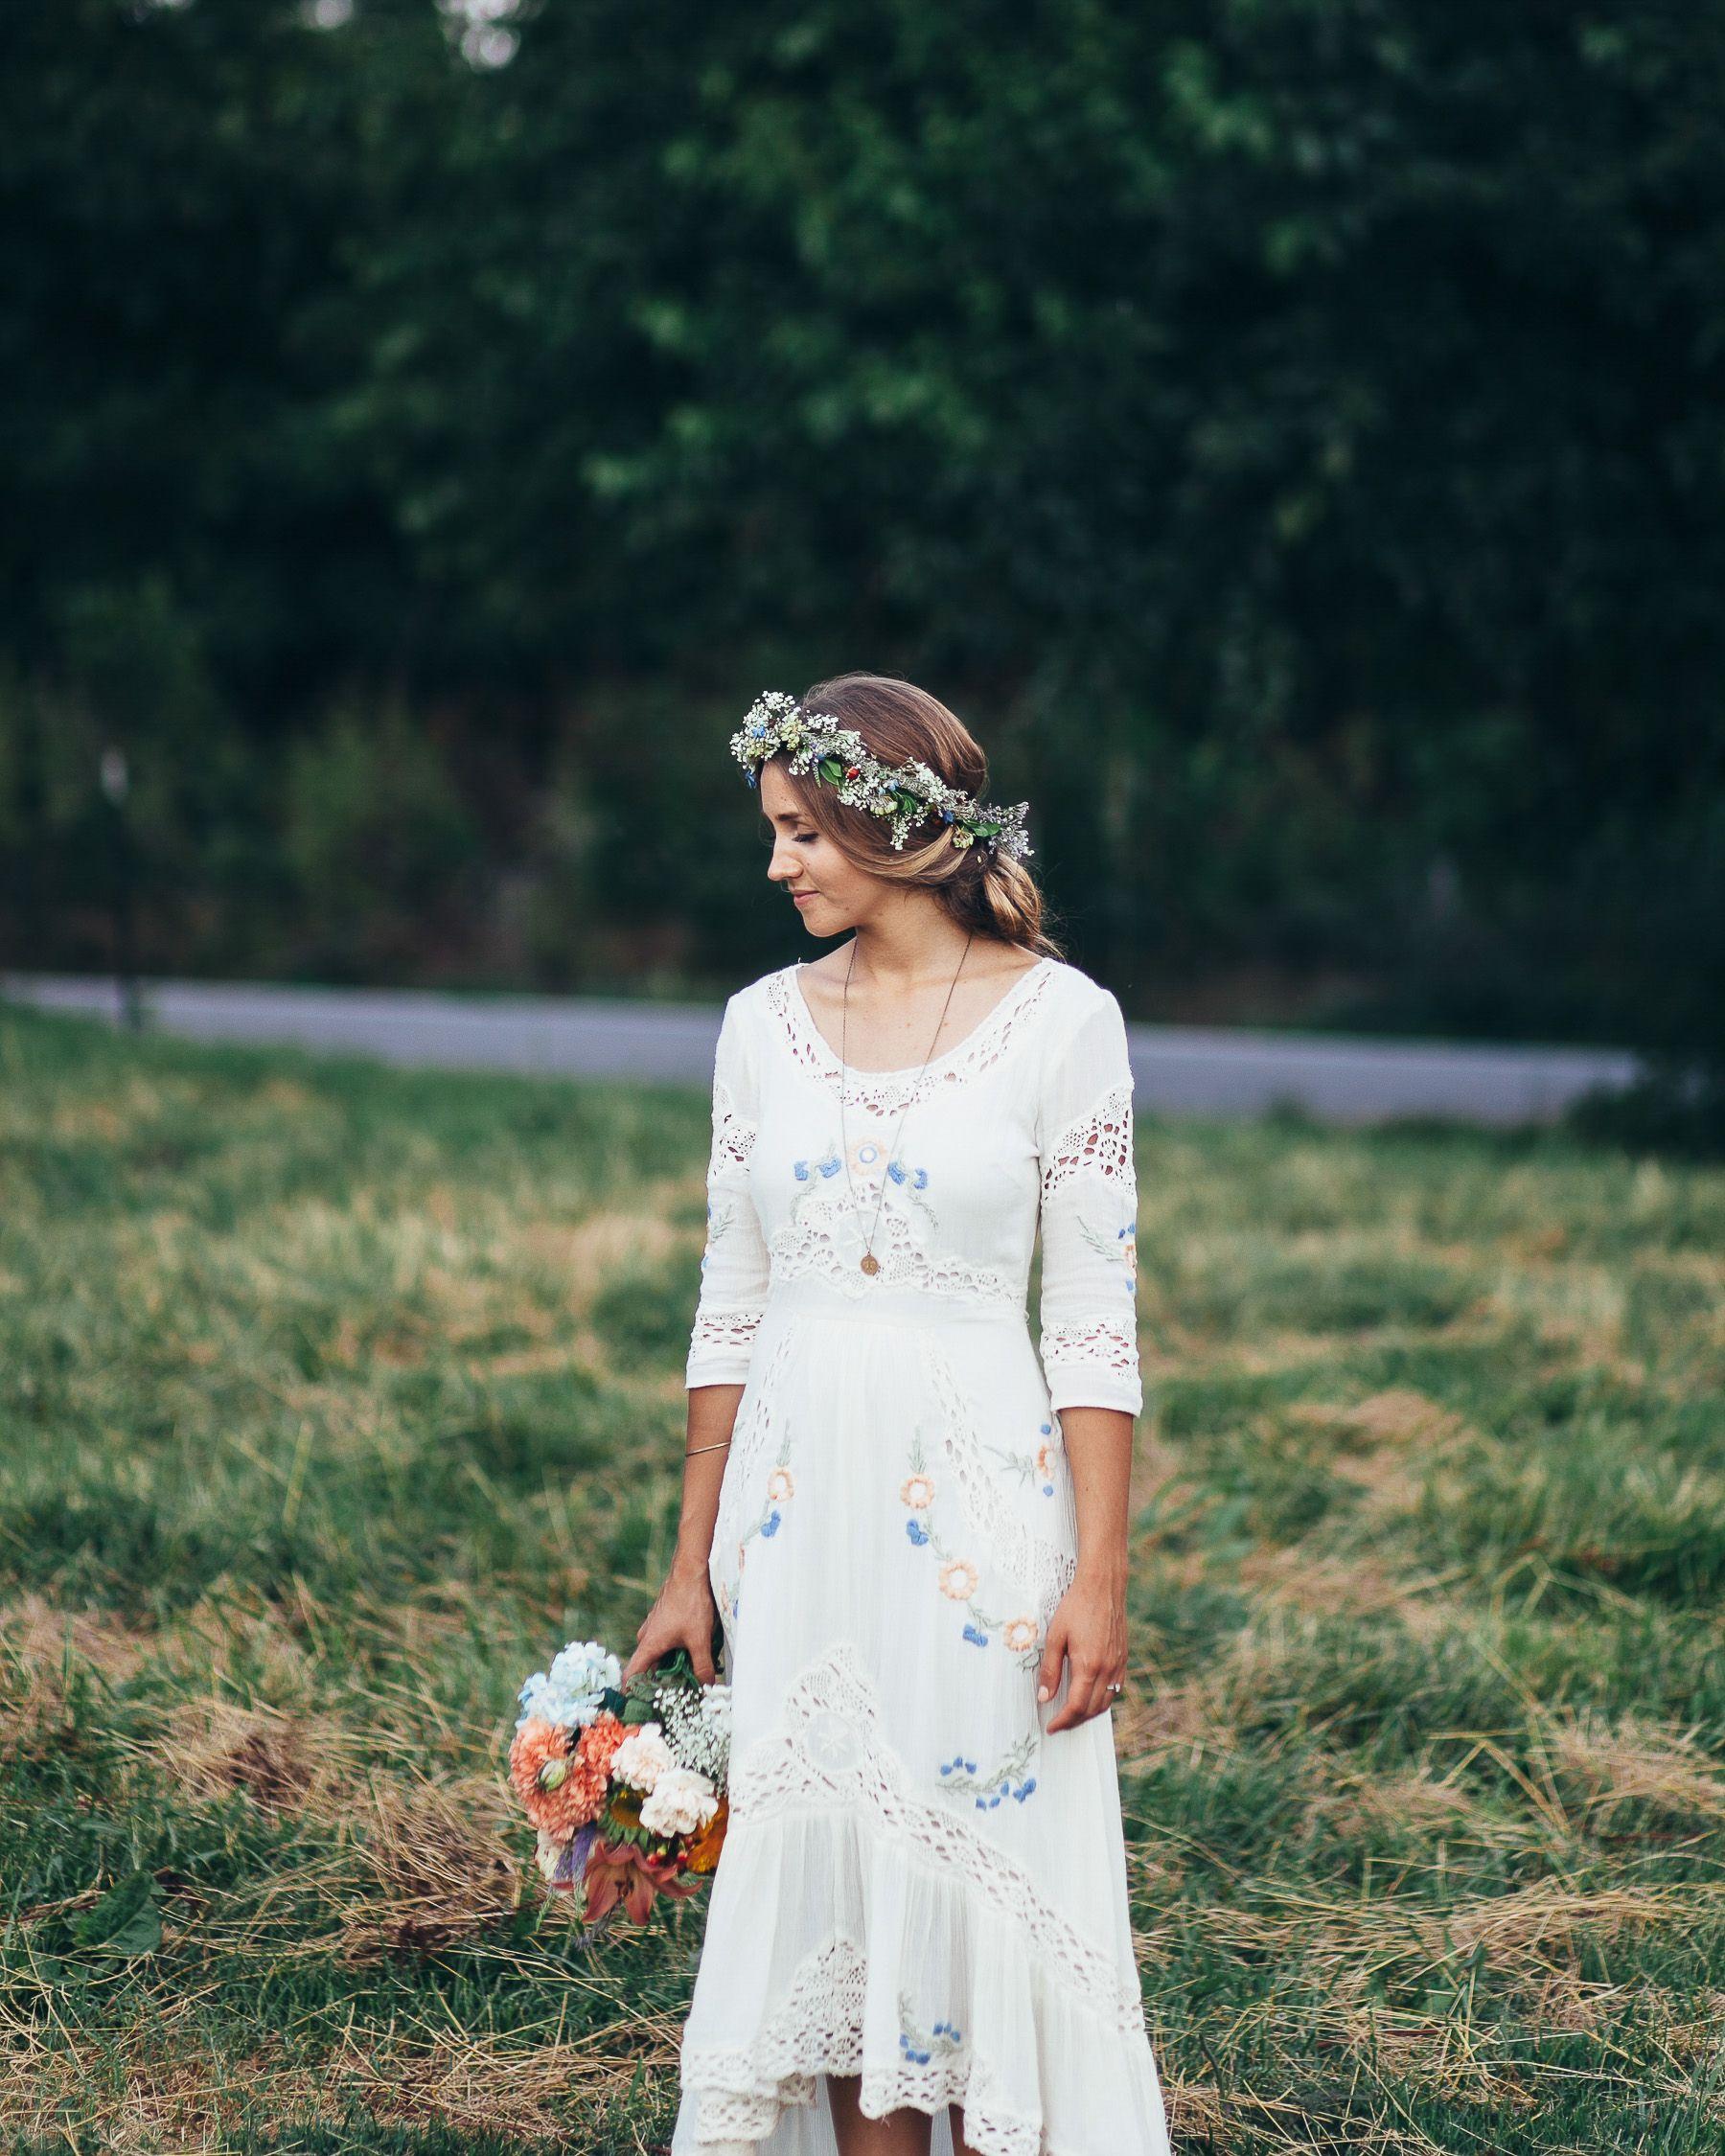 Diy Wedding Gowns: Midwest DIY Boho Wedding-87